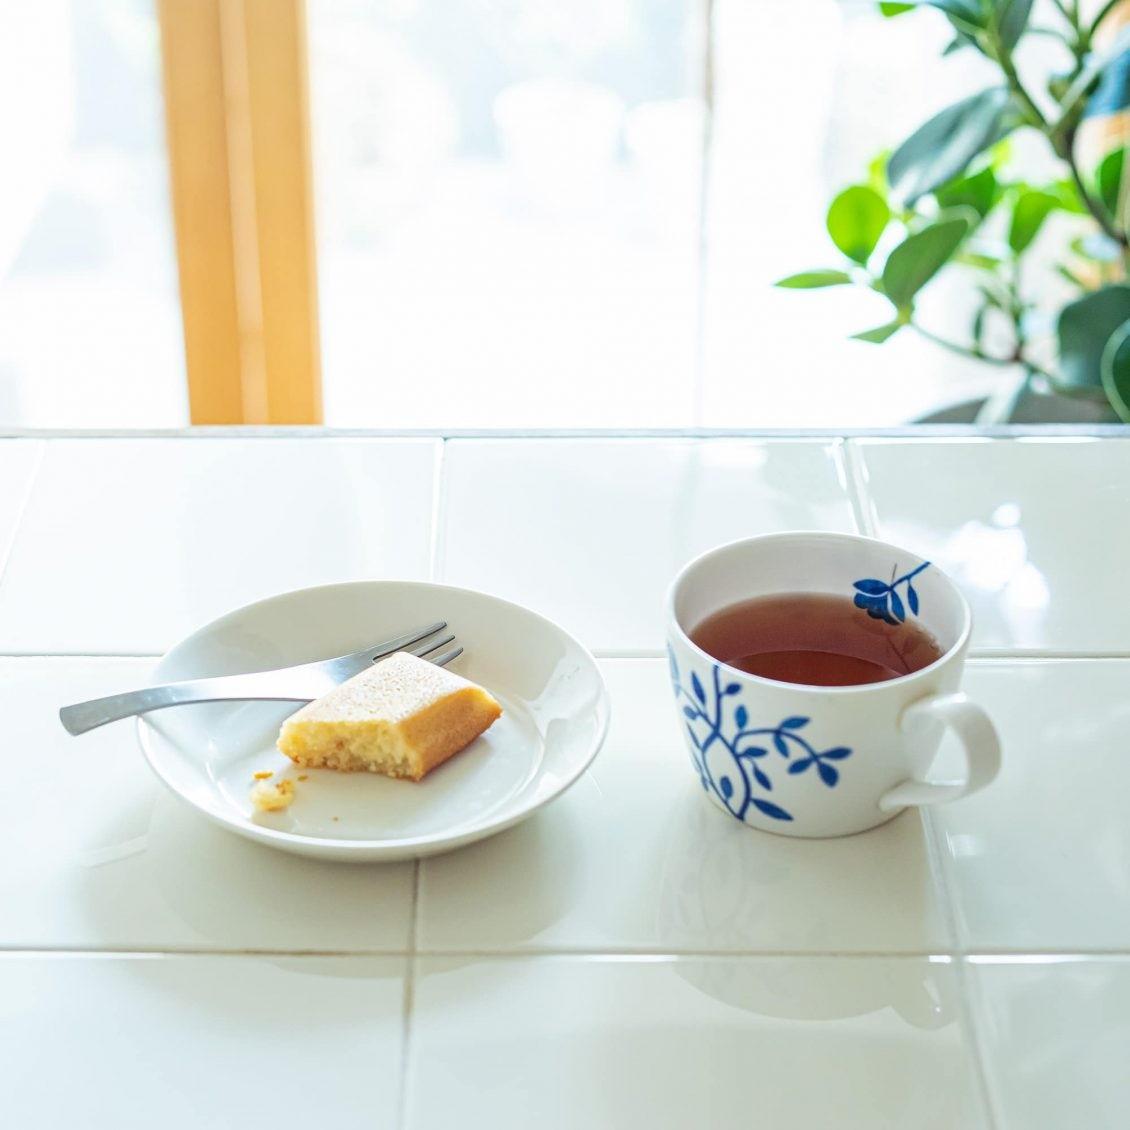 【紅茶をおいしく】和菓子や食事にもおすすめ? おいしさが変わる、紅茶選びのコツ